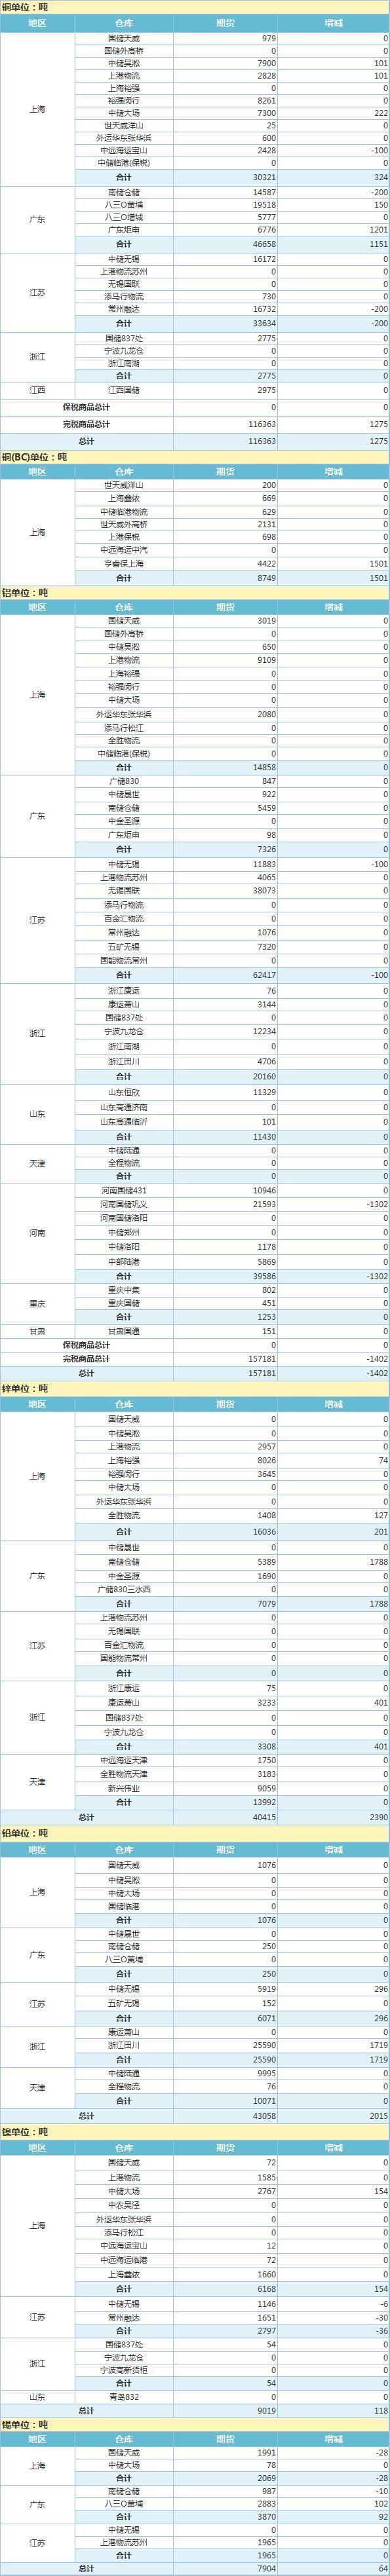 4月12日上海期货交易所金属库存日报